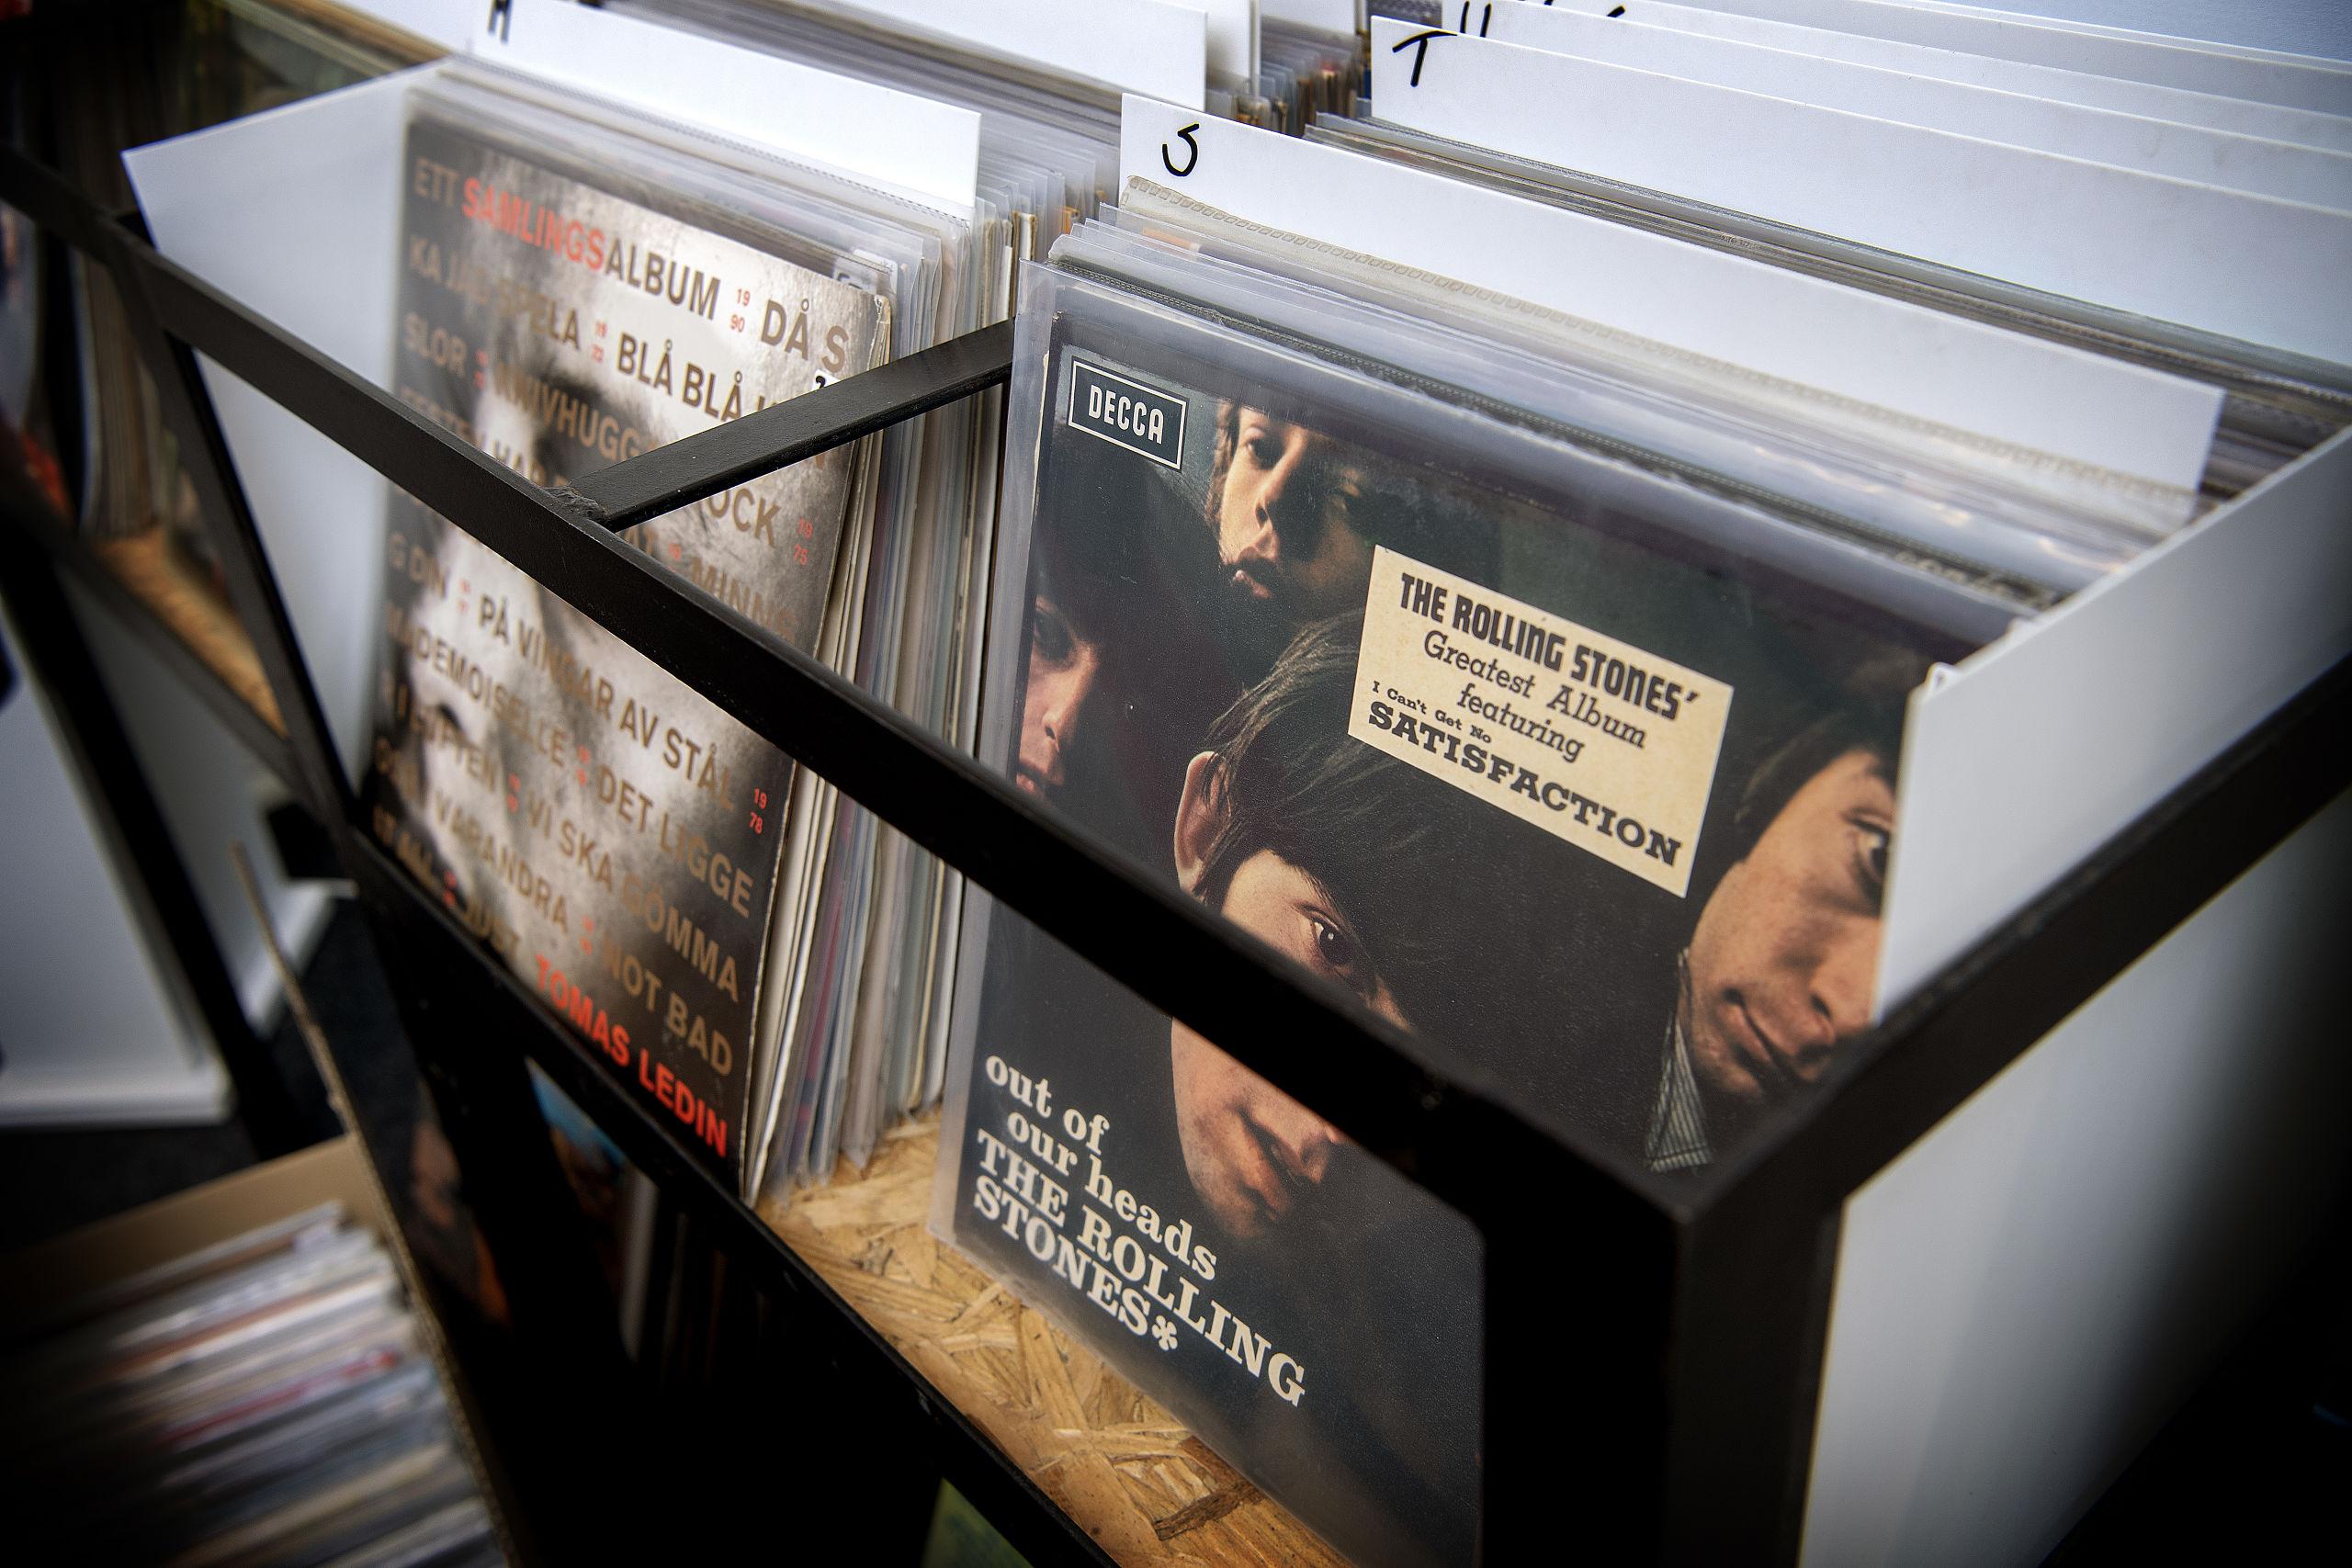 Efter de første måneder blev interessen for at købe lp'er i The Vinyl Road mindre og mindre. Foto: Lars Pauli